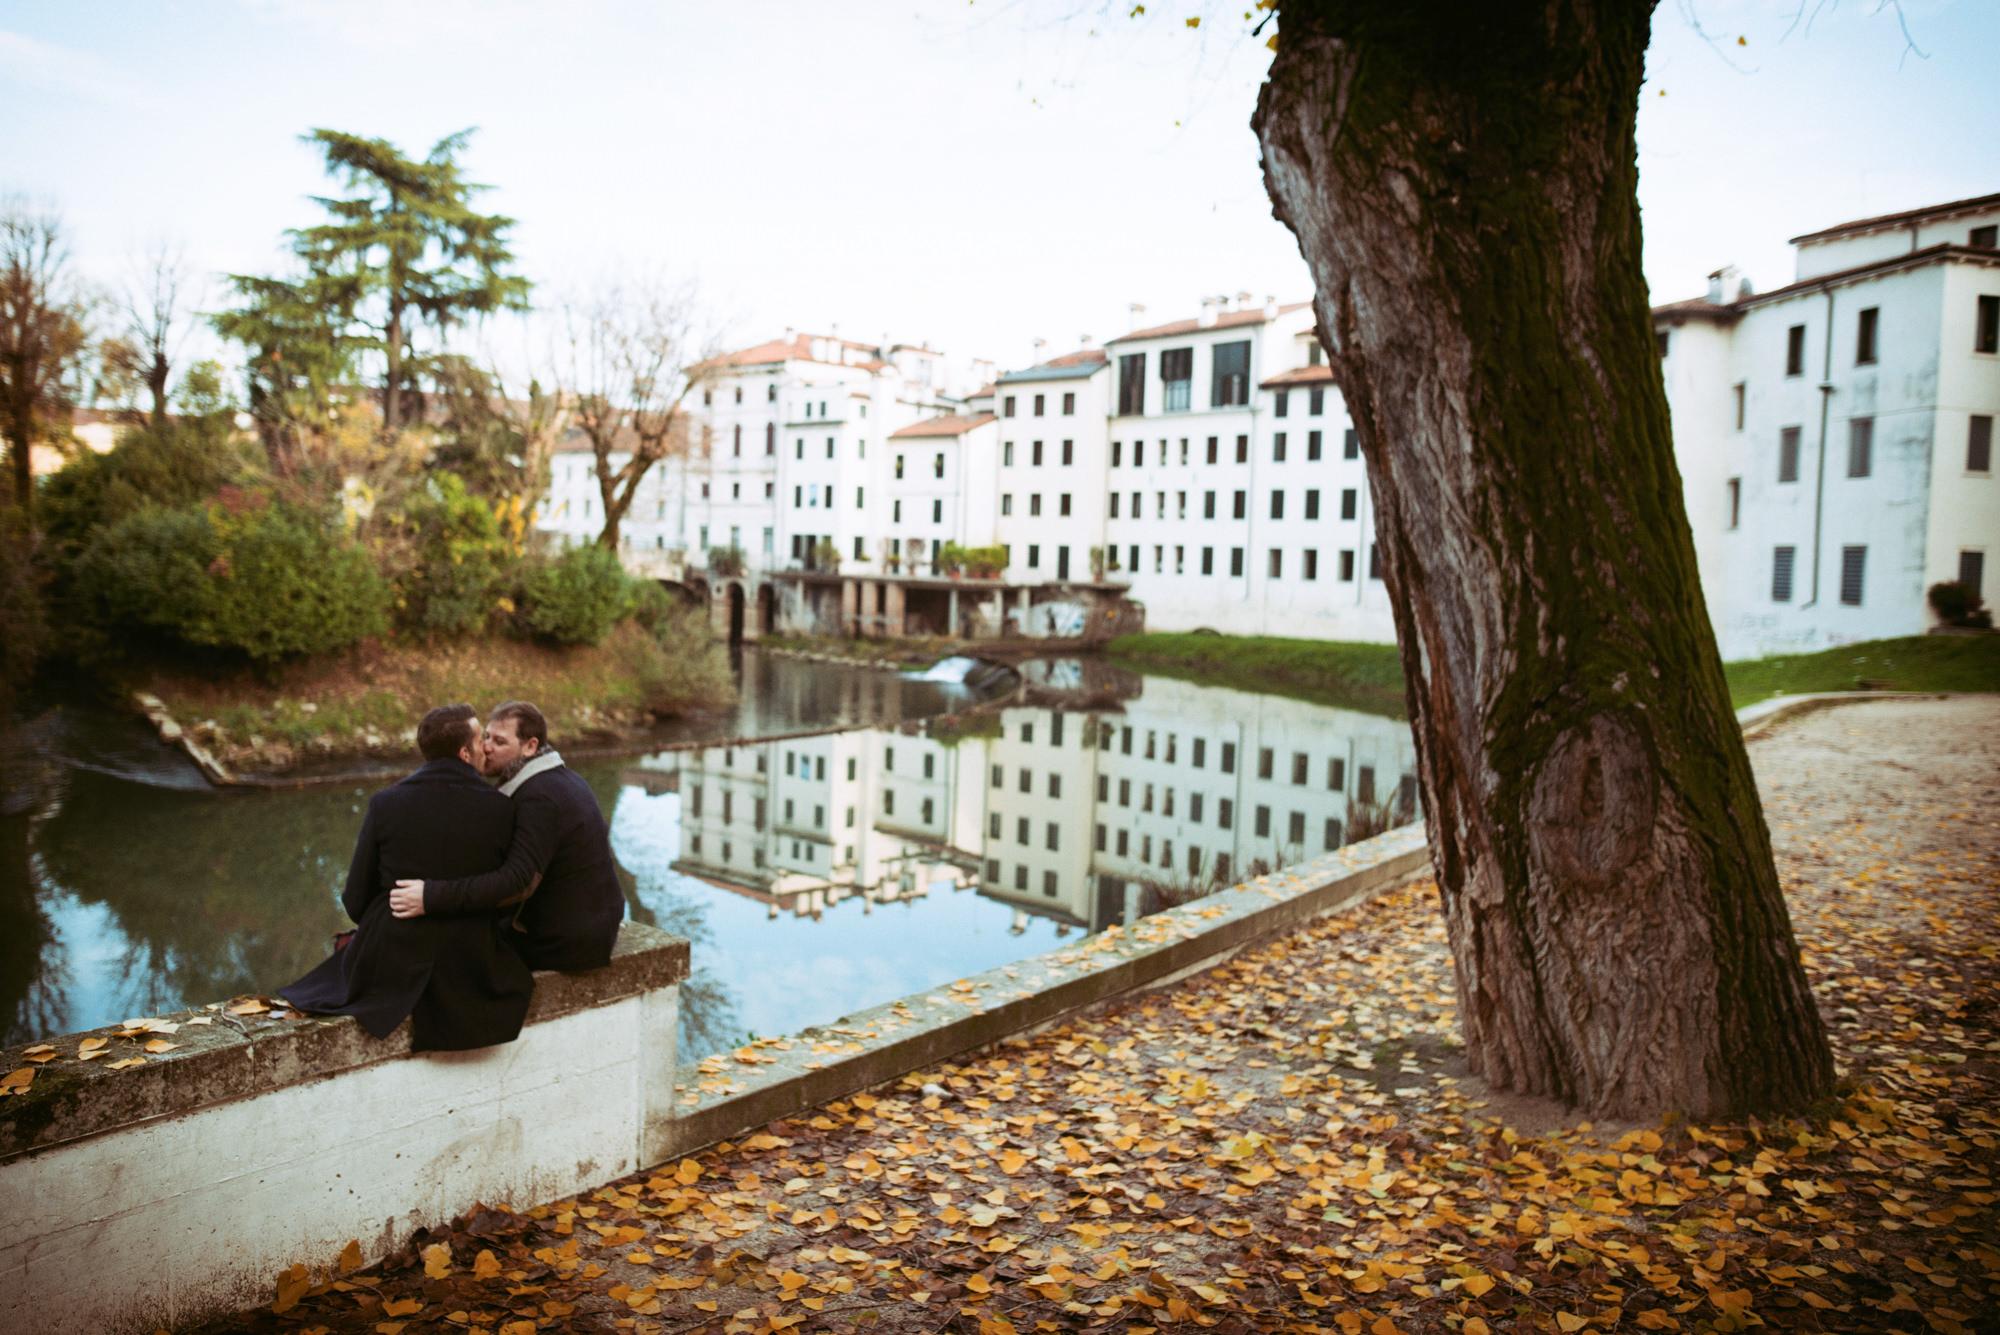 samesex couple photos italy 025 - Same-Sex Couple Photos Italy - Luca & Filippo